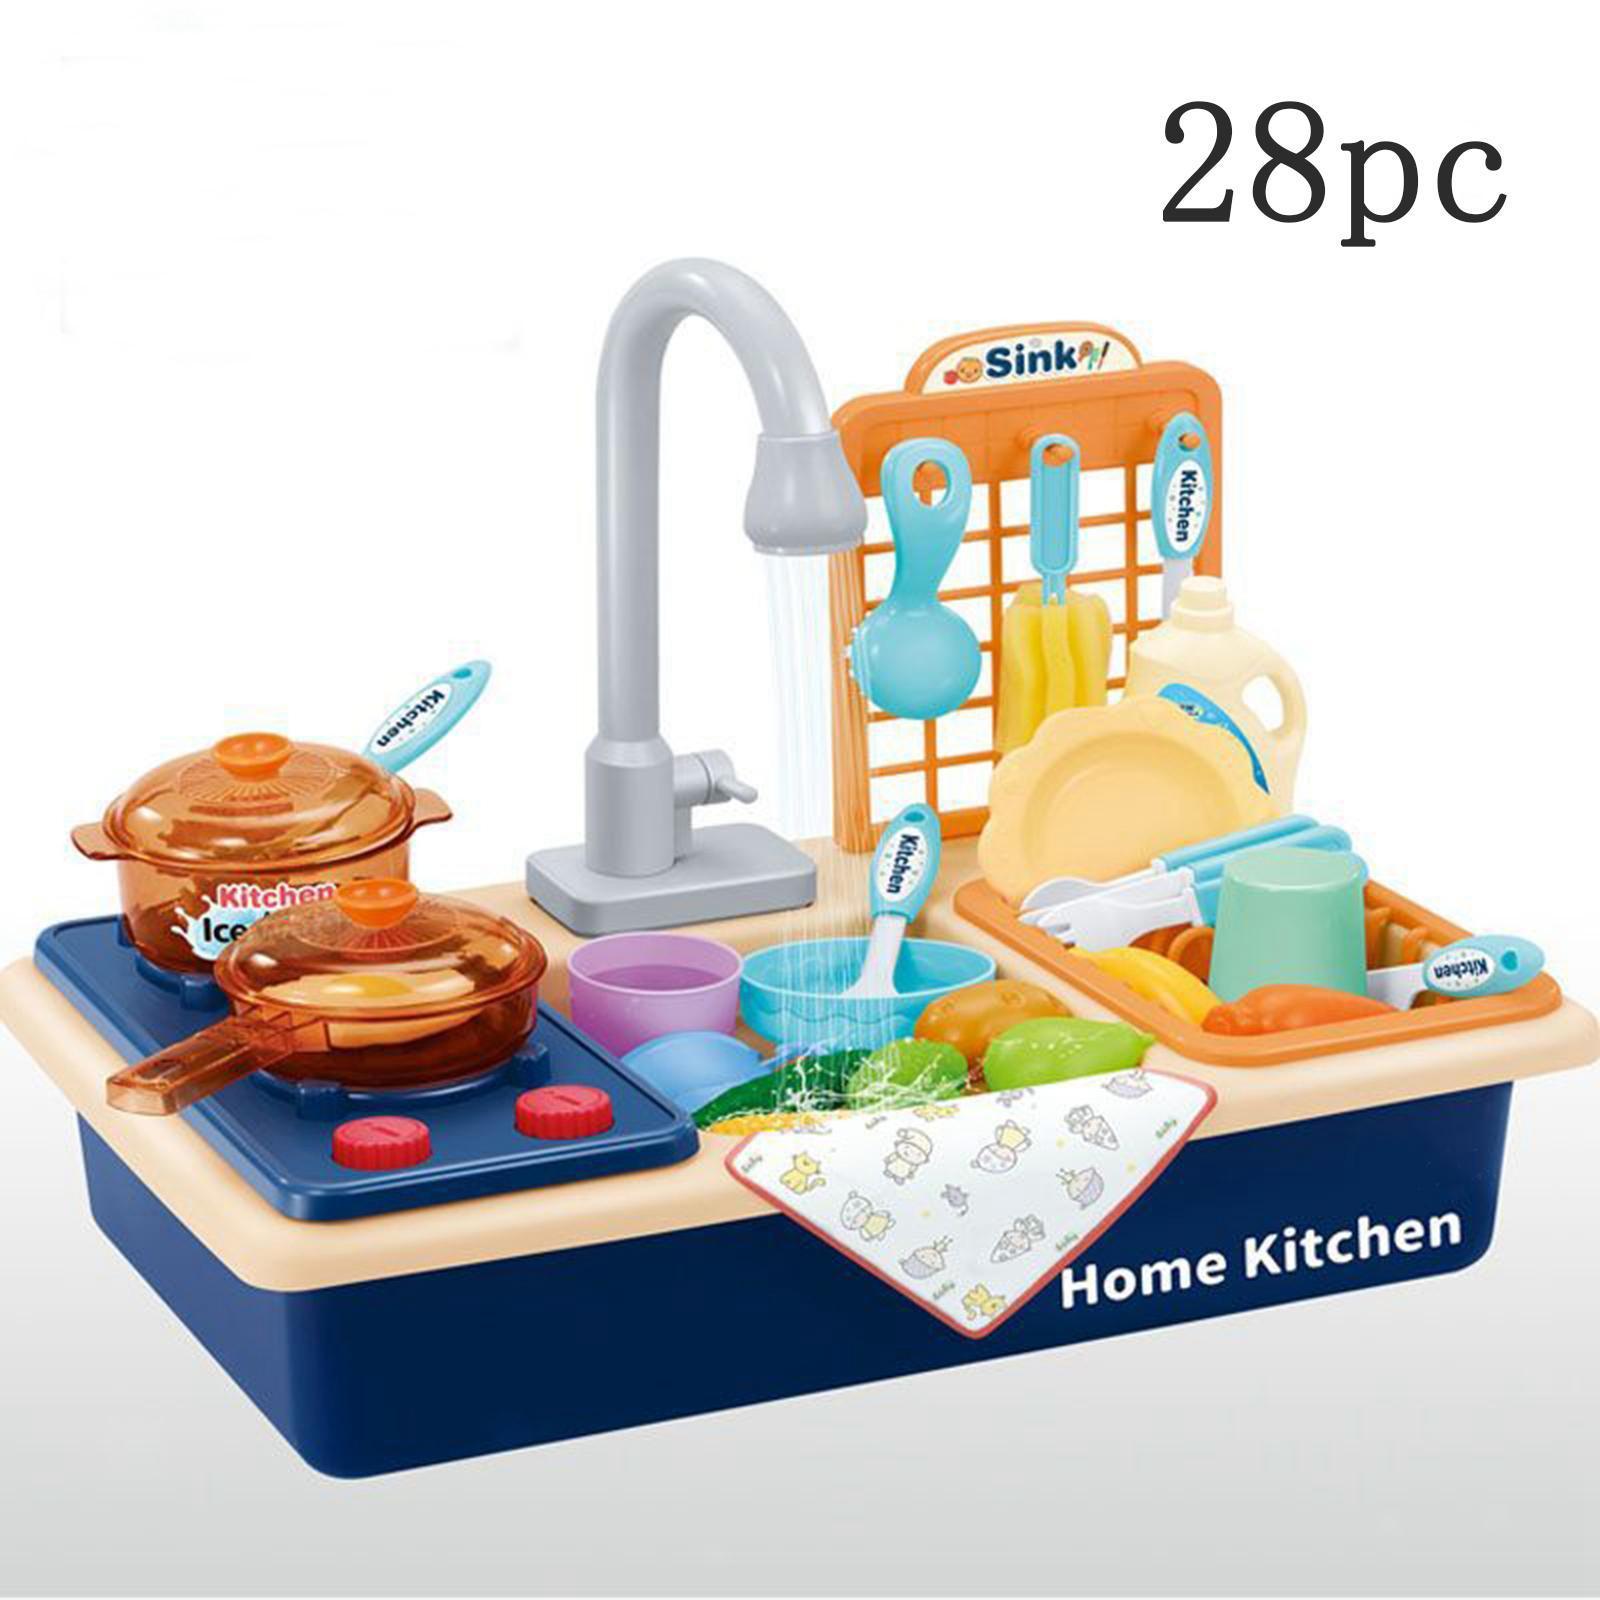 Indexbild 25 - Kinder-Kueche-Spielen-Waschbecken-Spielzeug-Automatische-Wasser-Zyklus-System